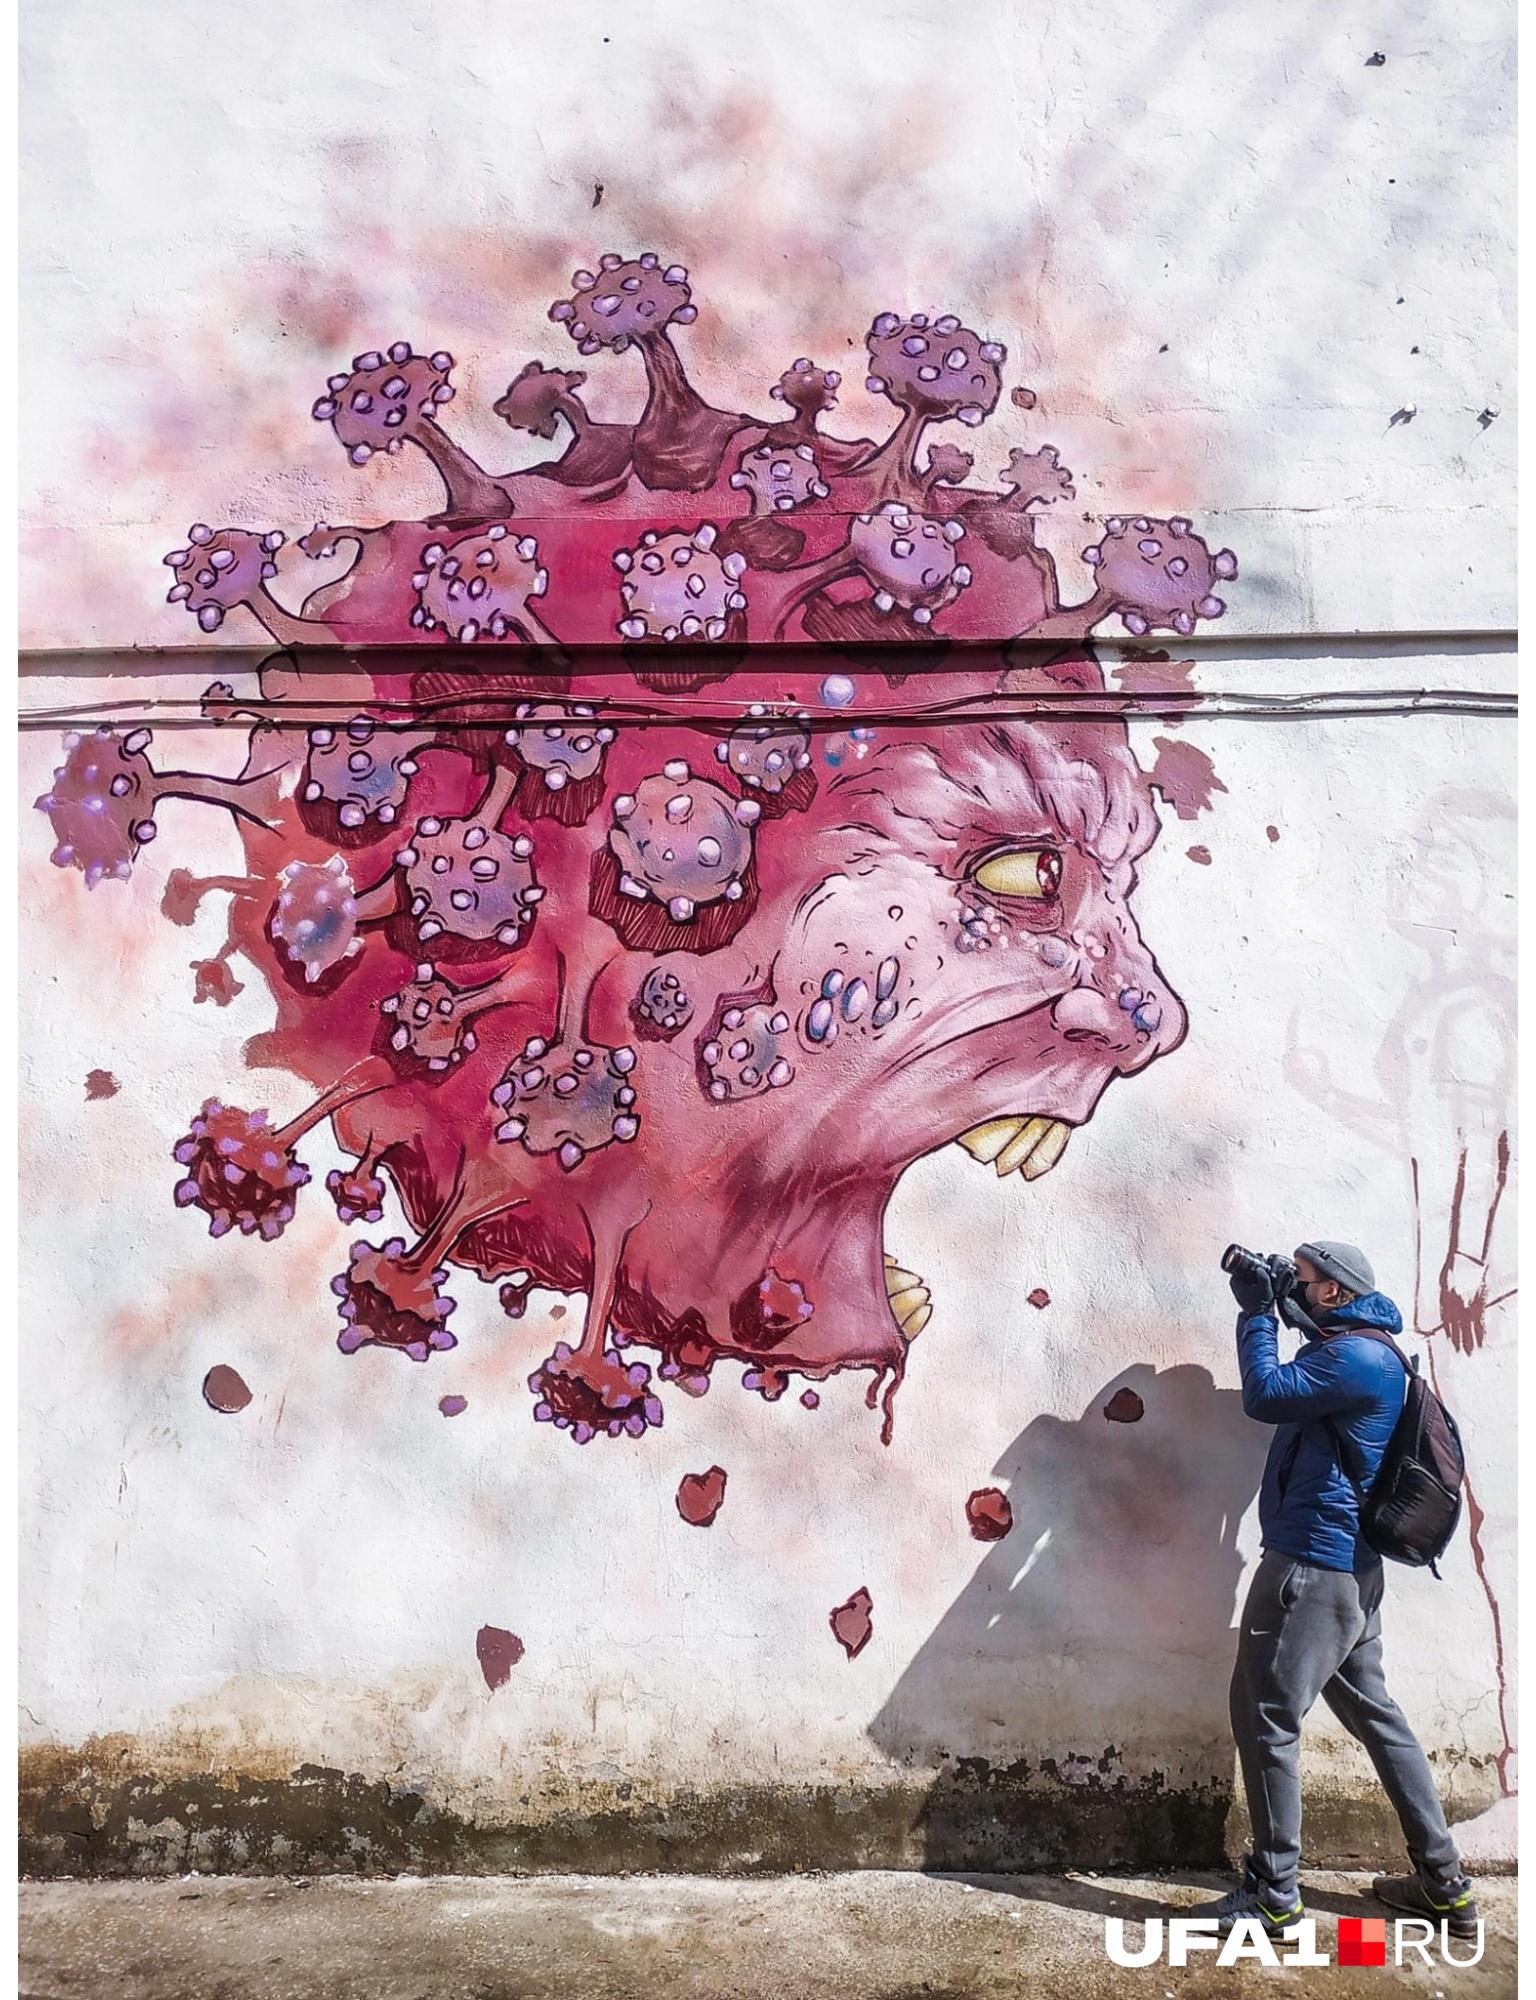 Этот рисунок сделан в Уфе на стене больницы имени Куватова — она первой в республике пережила масштабную вспышку коронавируса. Несмотря на сложности этого года, мы верим, что пандемию удастся победить, и все мы будем здоровы. А обо всех этих событиях будут напоминать граффити, оставленные в самых разных городах России и мира